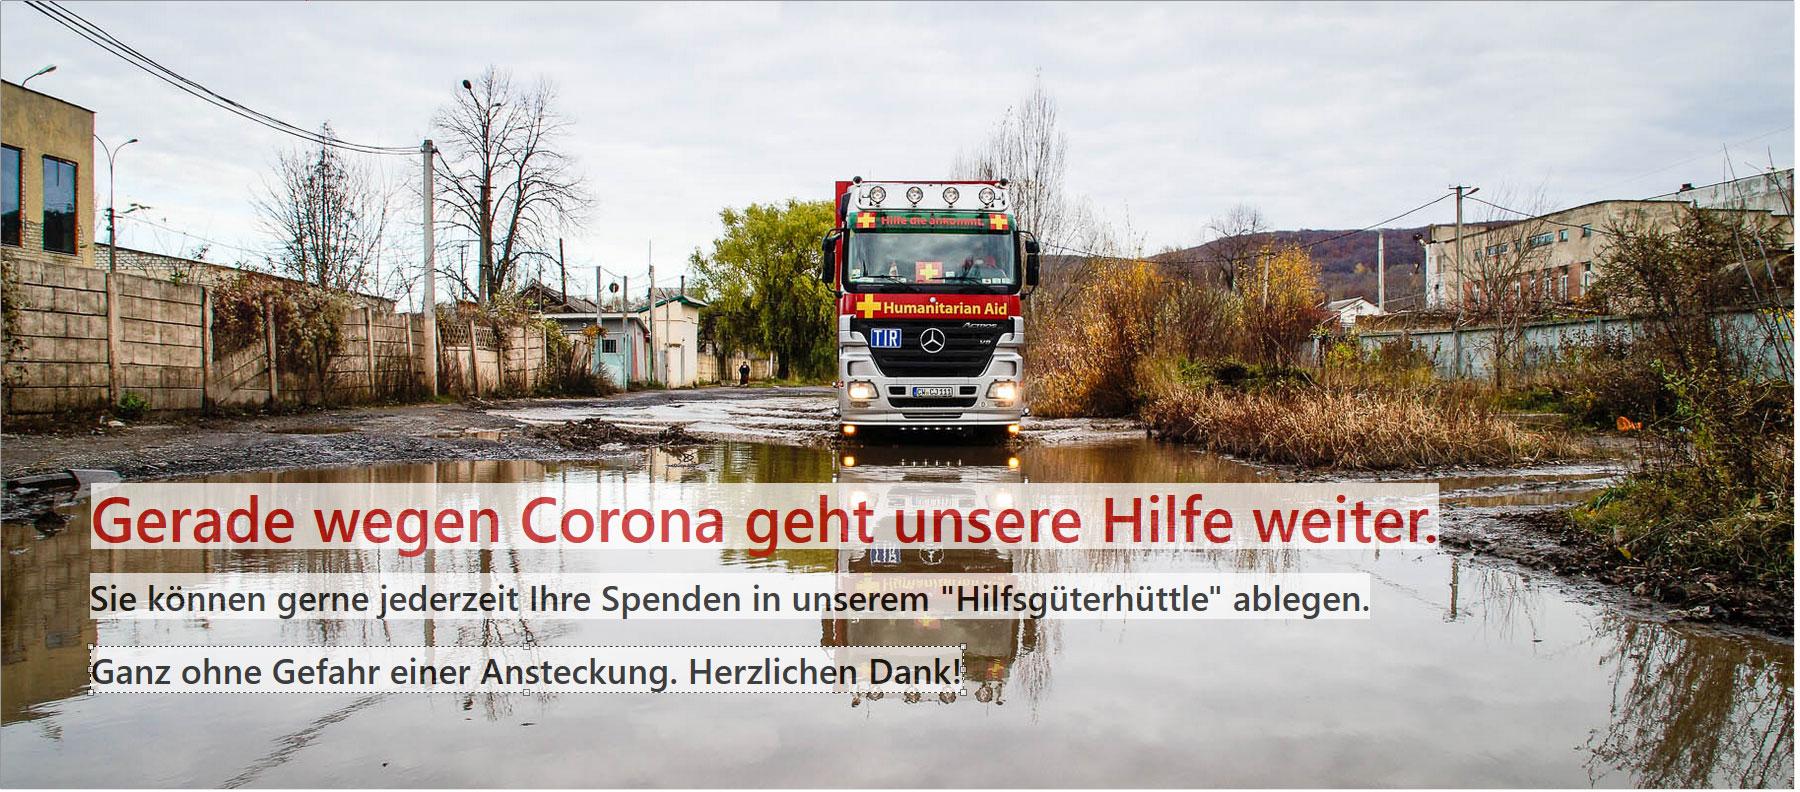 Auch in Zeiten von Corona hilft DHHN und führt Hilfstransporte durch